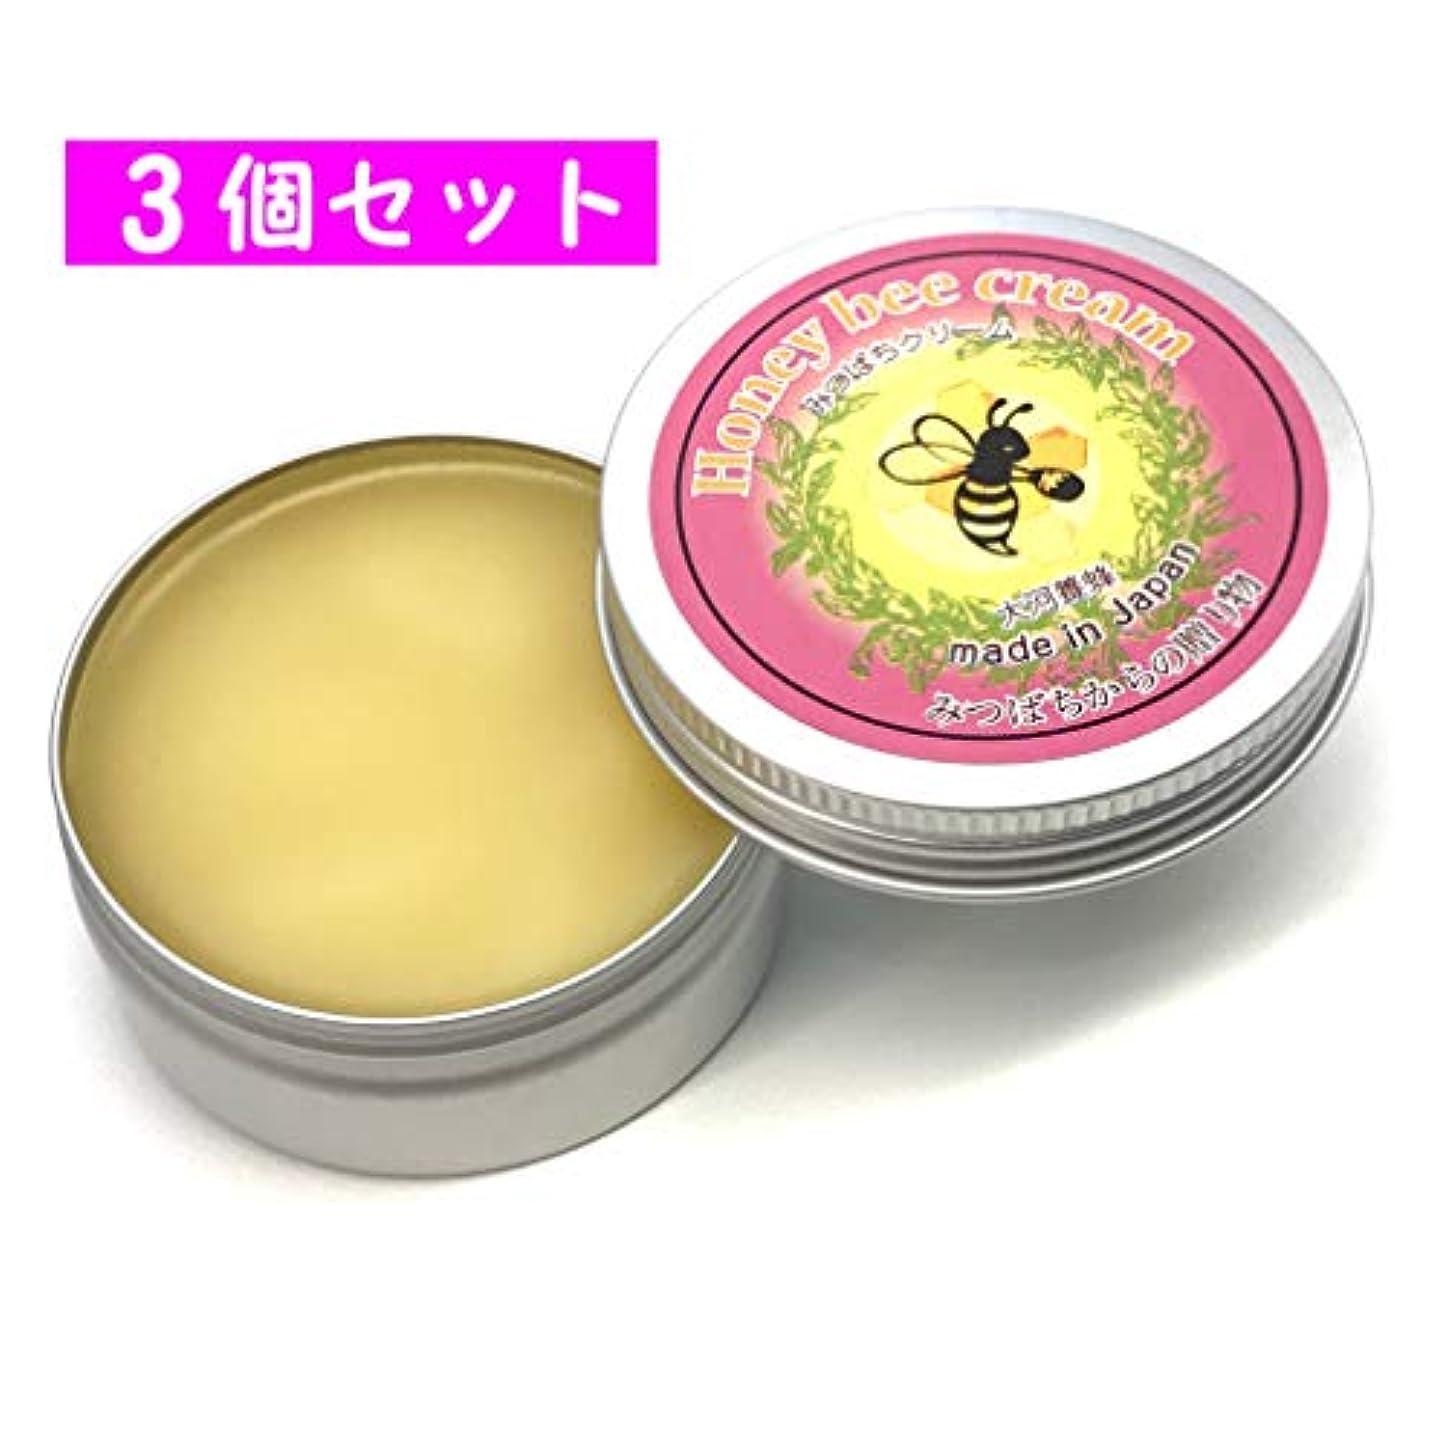 条約トランスミッション単に大河養蜂 みつろうクリーム 3個セット (30g×3) ラベンダーオイル配合 全身保湿クリーム 赤ちゃんクリーム 美白ケア 肌荒れ対策 スキンケア ナイトクリーム みつばちクリーム (3個セット)